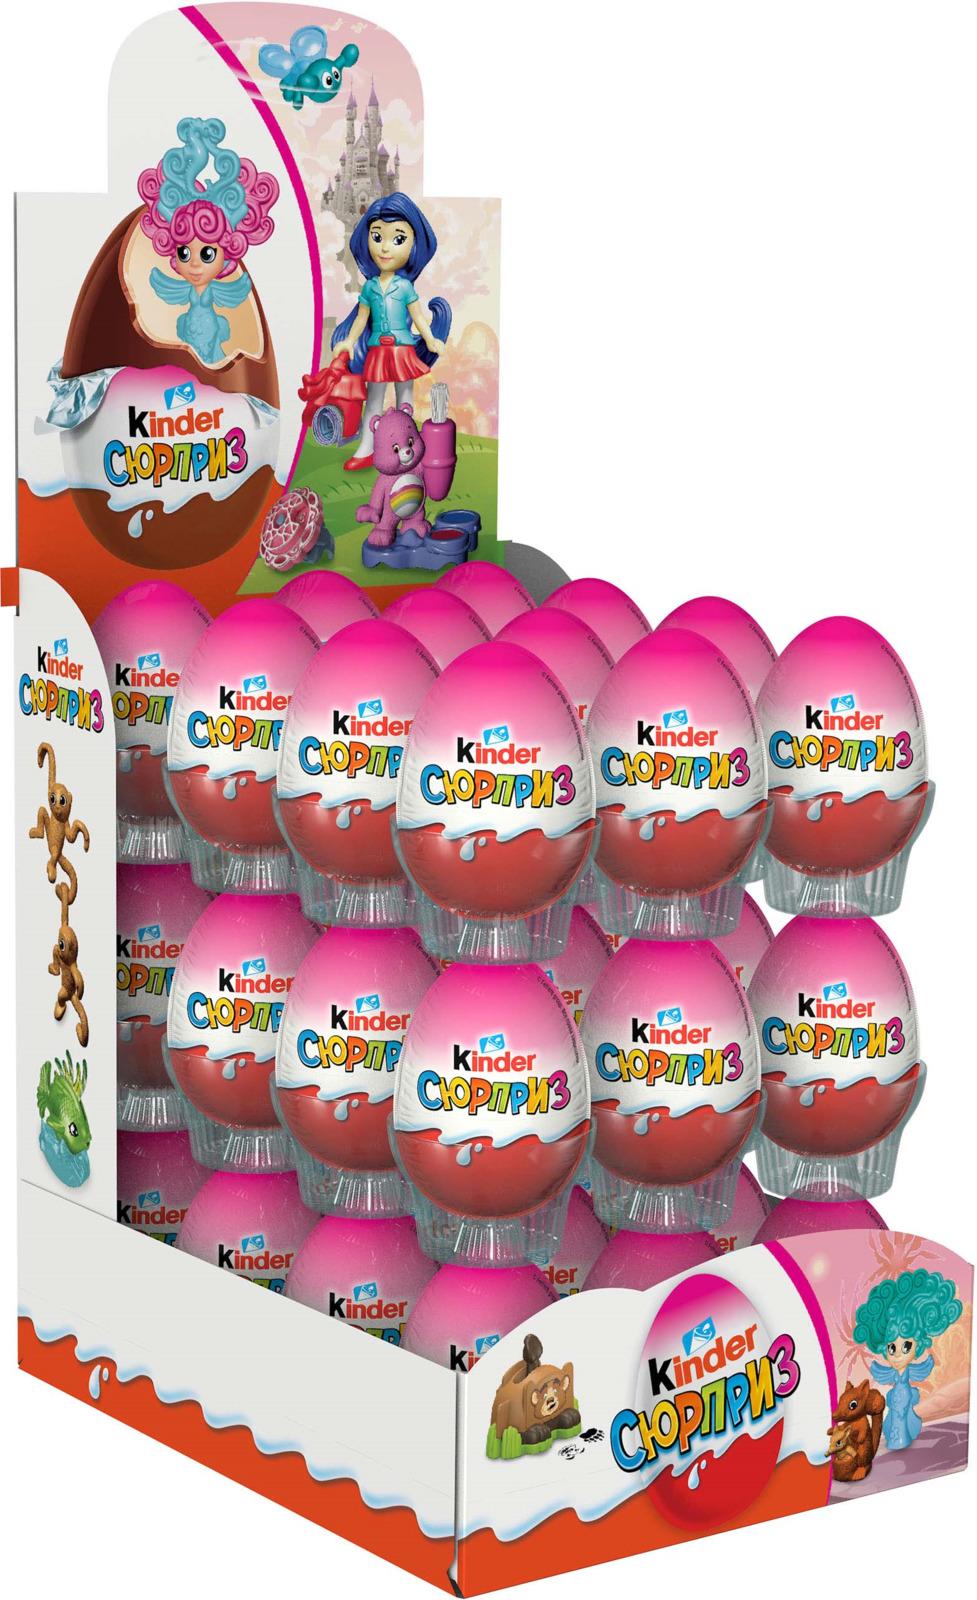 Шоколадное яйцо Kinder Сюрприз Мейнстрим, для девочек, c игрушкой внутри, 36 шт по 20 г шоколадное яйцо kinder joy принцессы 20 г